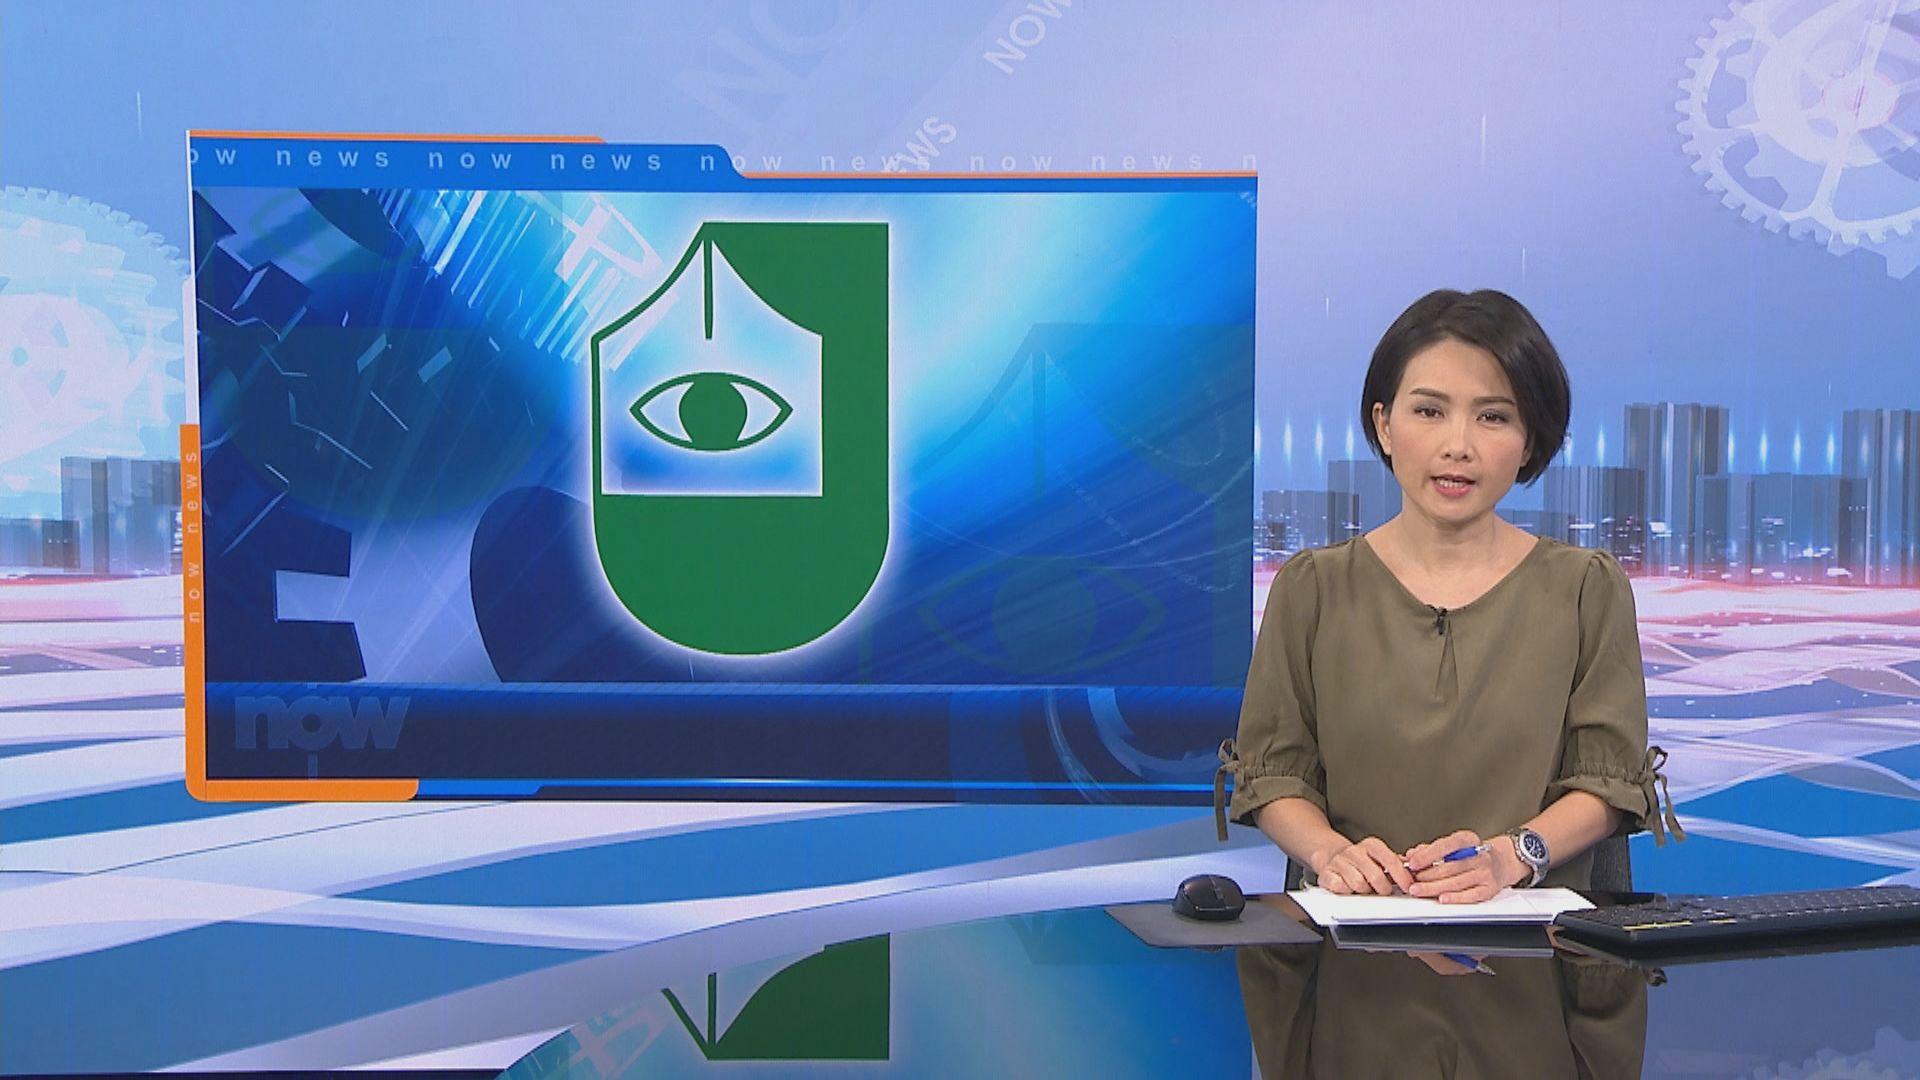 記協去信鄧炳強 對警方就721襲擊言論表示極度遺憾